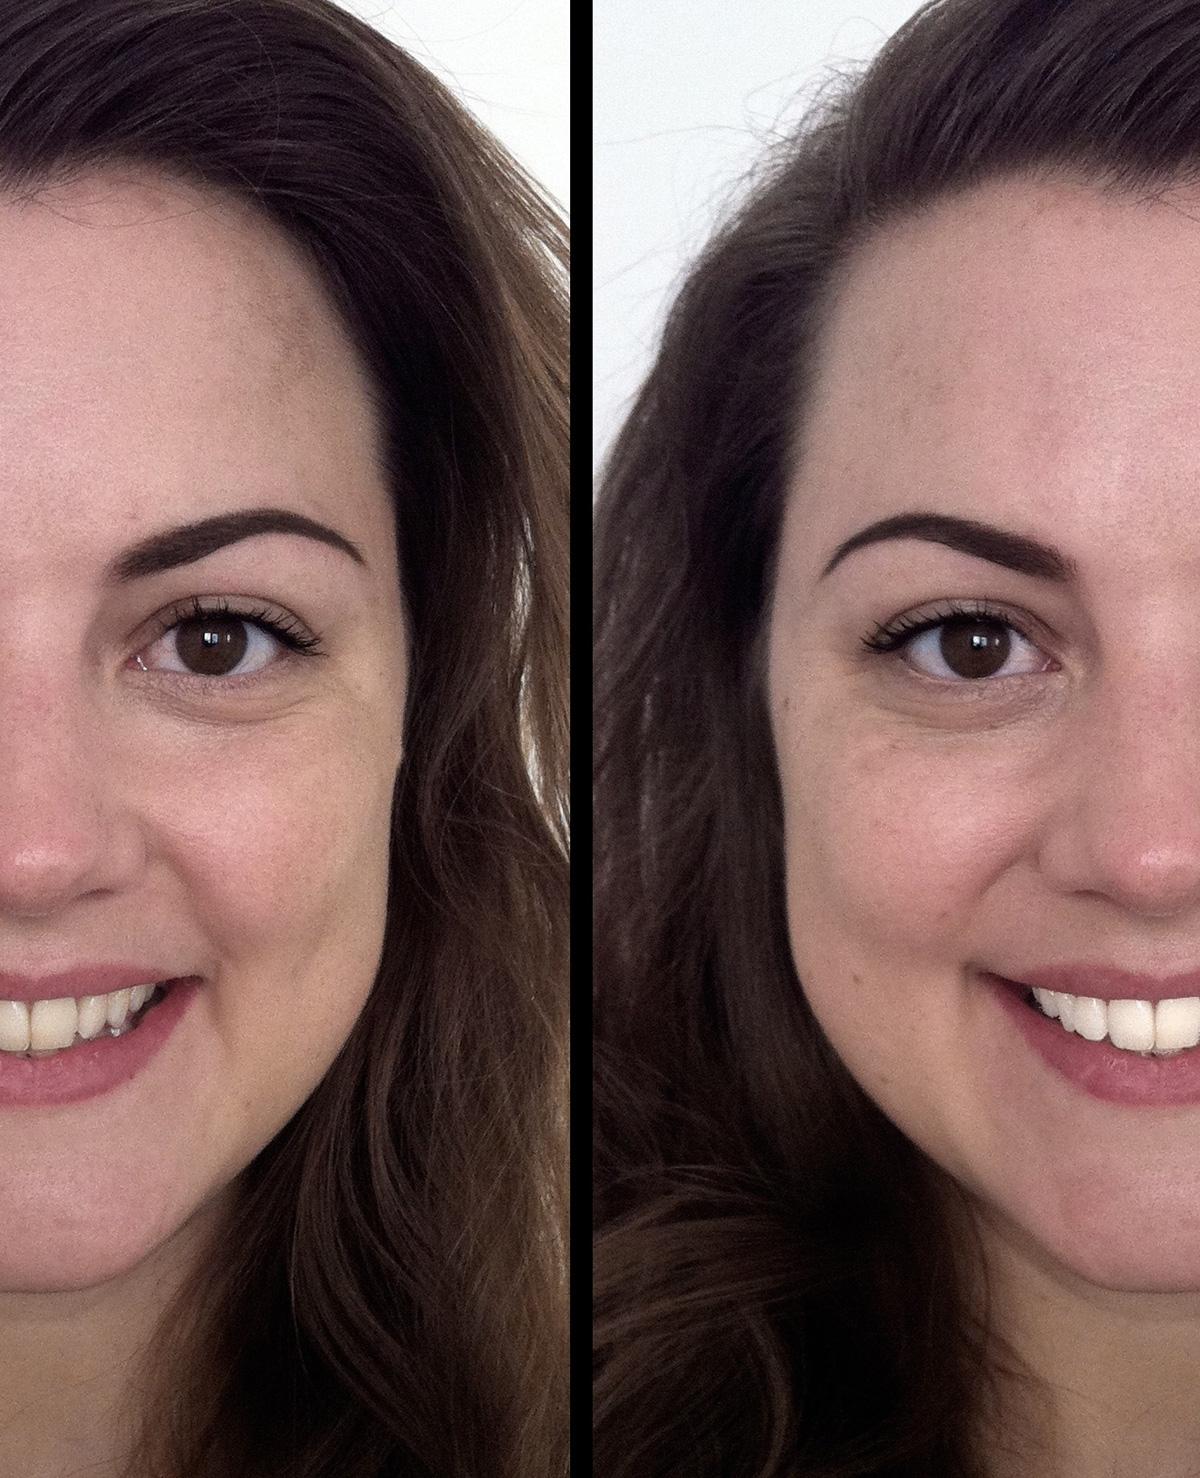 Win een Smile Over-simulatie